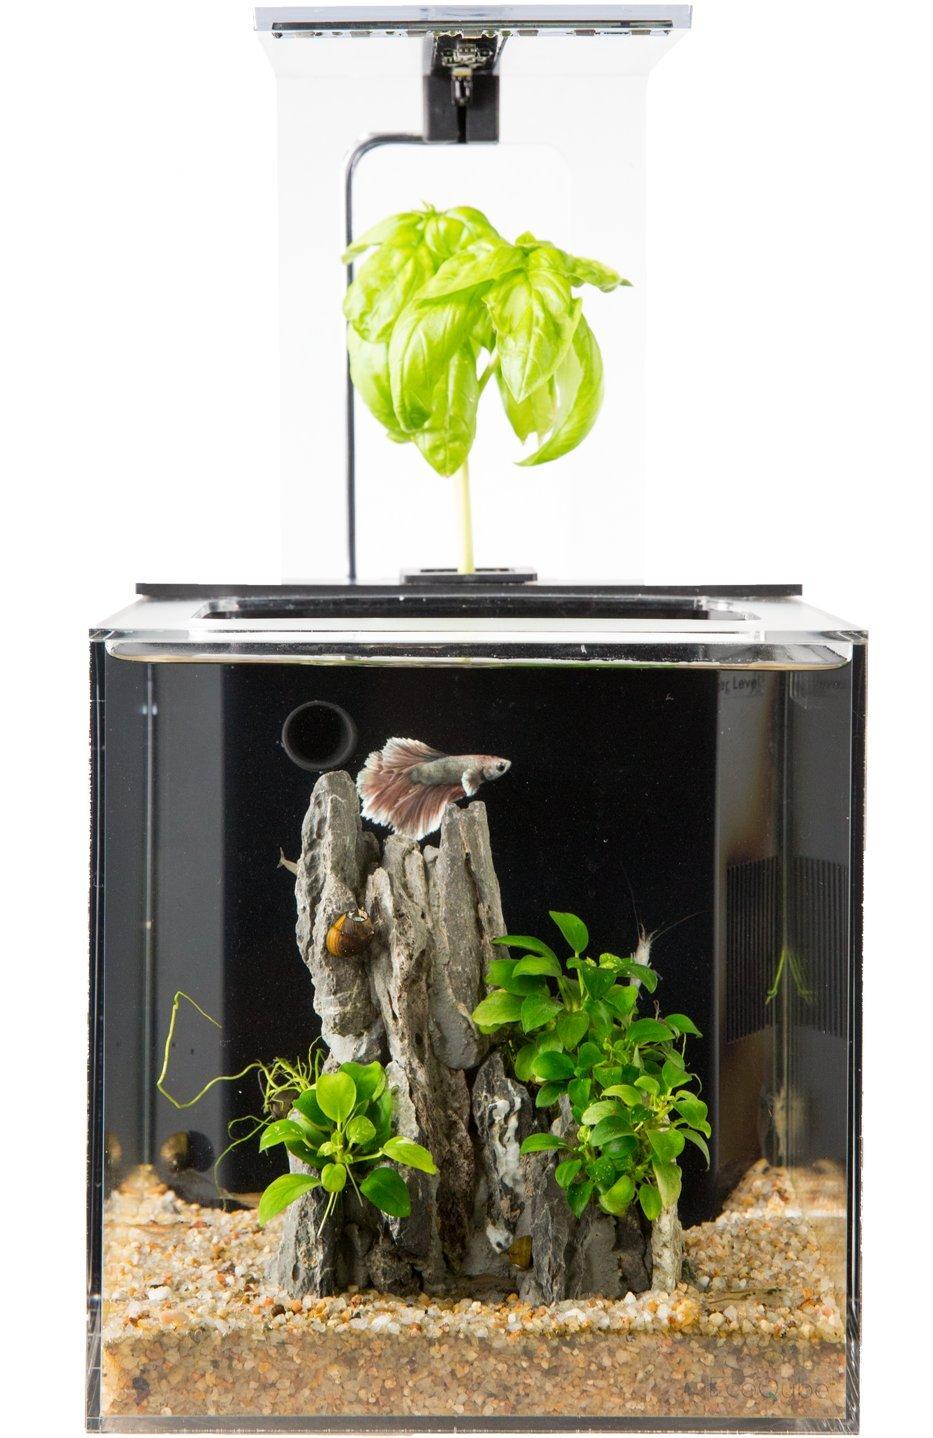 Fish aquarium price in india - Amazon Com Ecoqube Aquarium Desktop Betta Fish Tank For Living Office And Home D Cor Pet Supplies